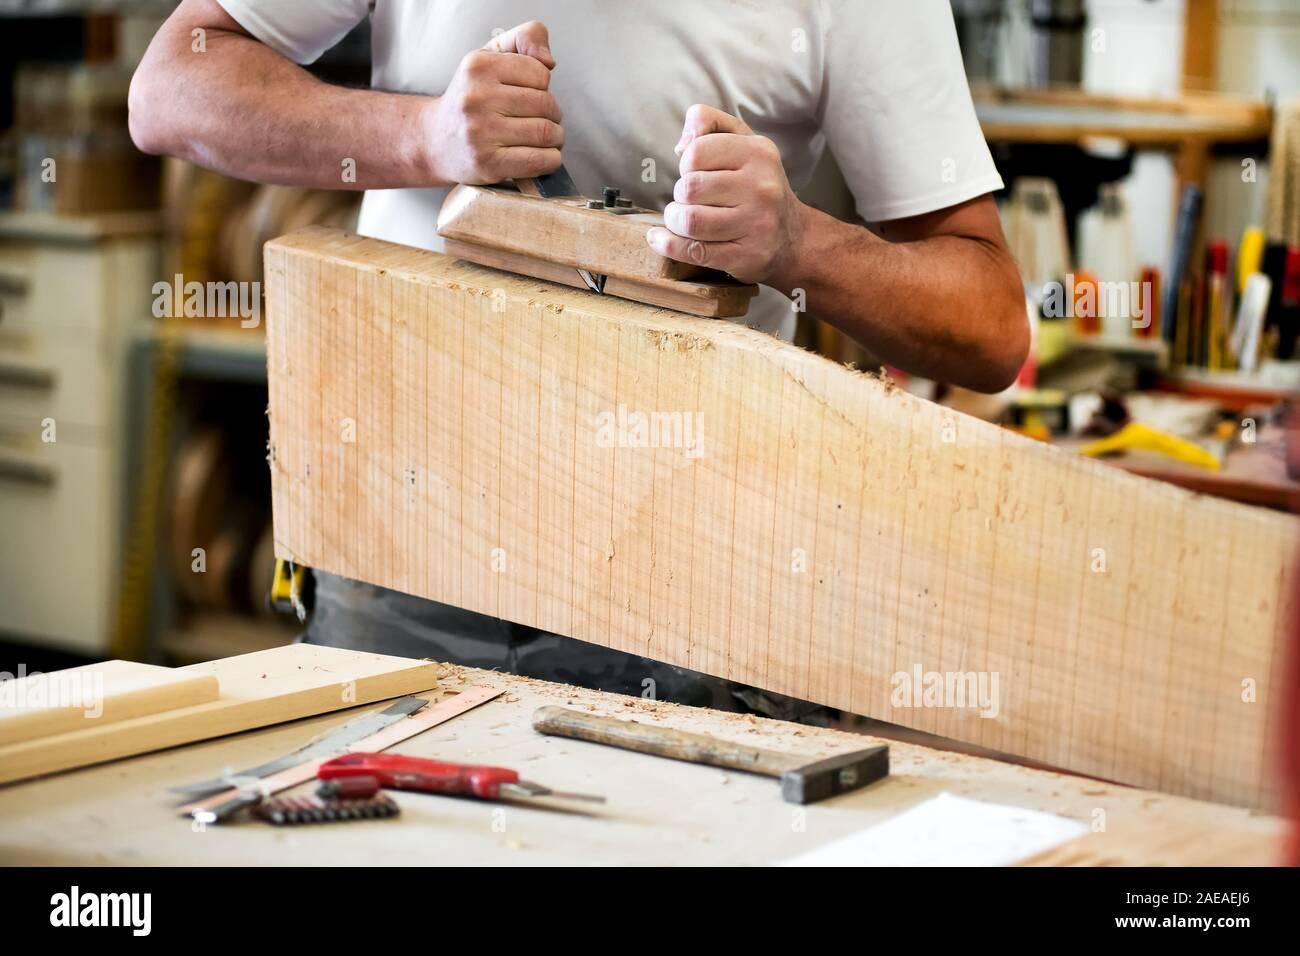 Tischler arbeiten mit einem Planer auf einen Holzblock Glättung der Oberfläche in der Nähe zu seiner Hände und Werkzeuge auf der Werkbank Stockfoto